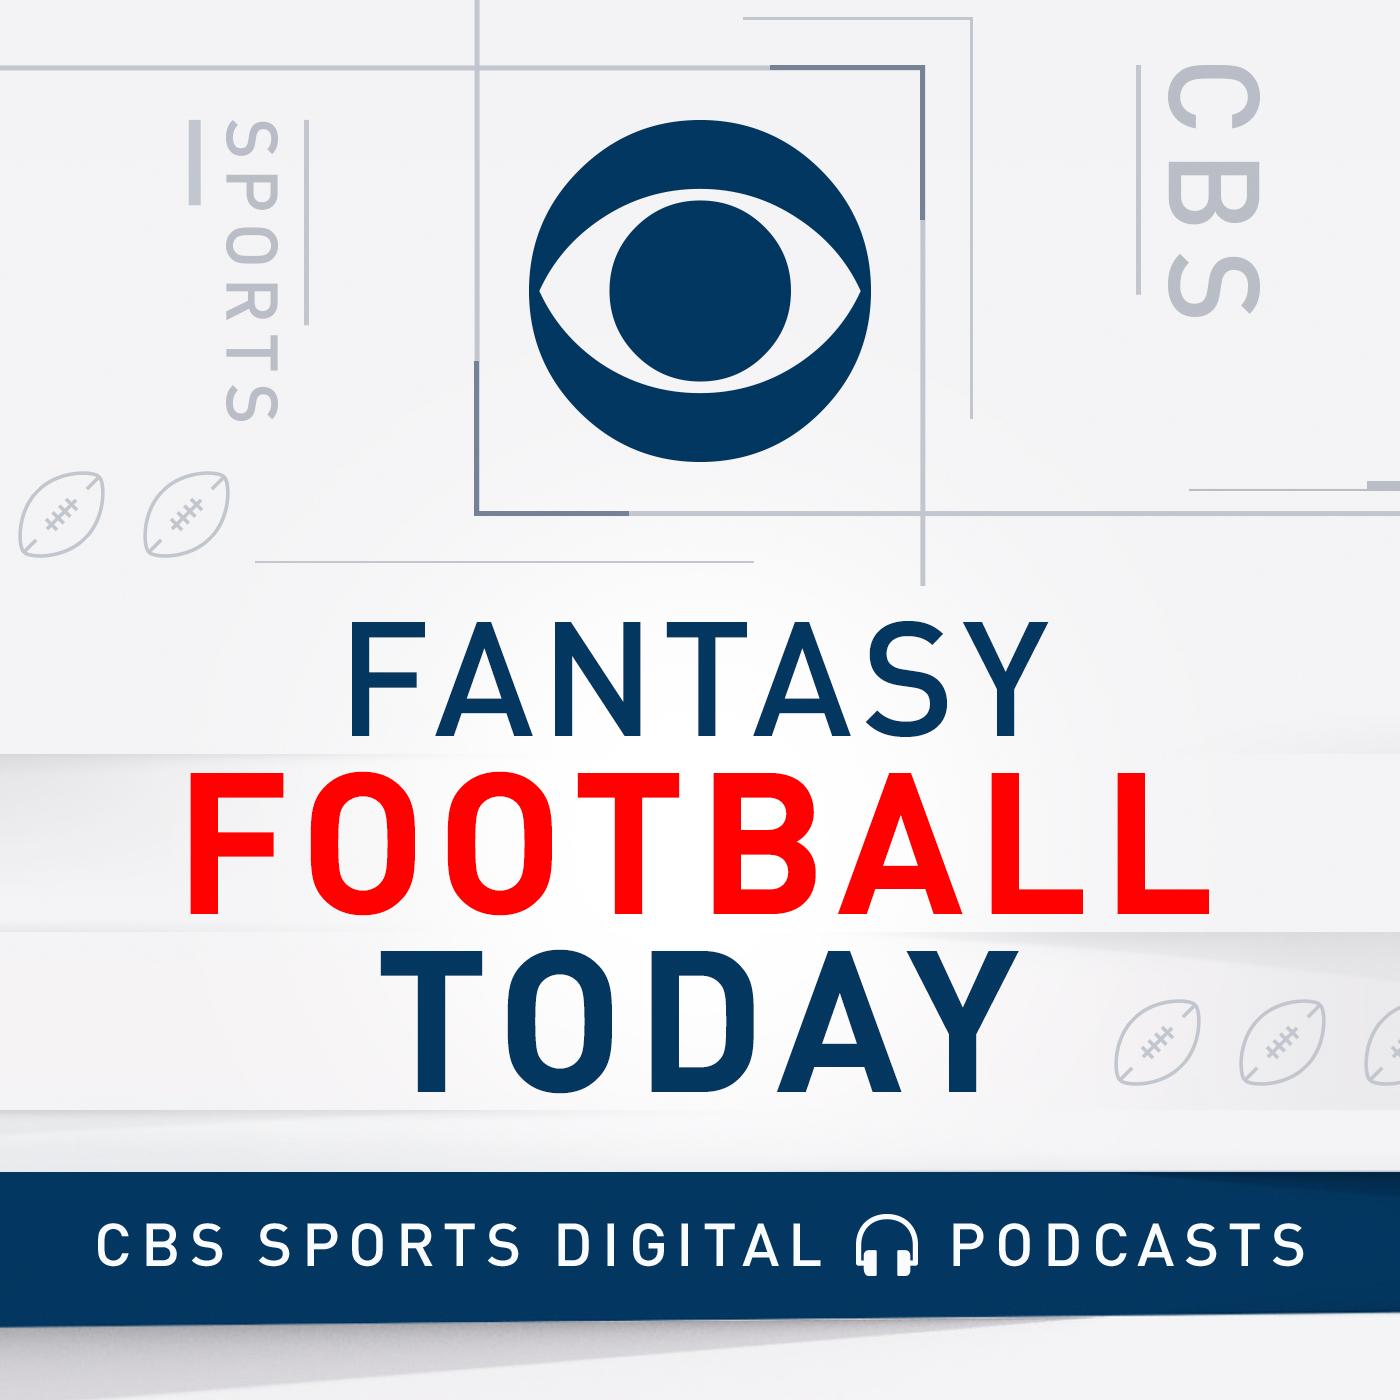 CBS Fantasy Football Today podcast logo